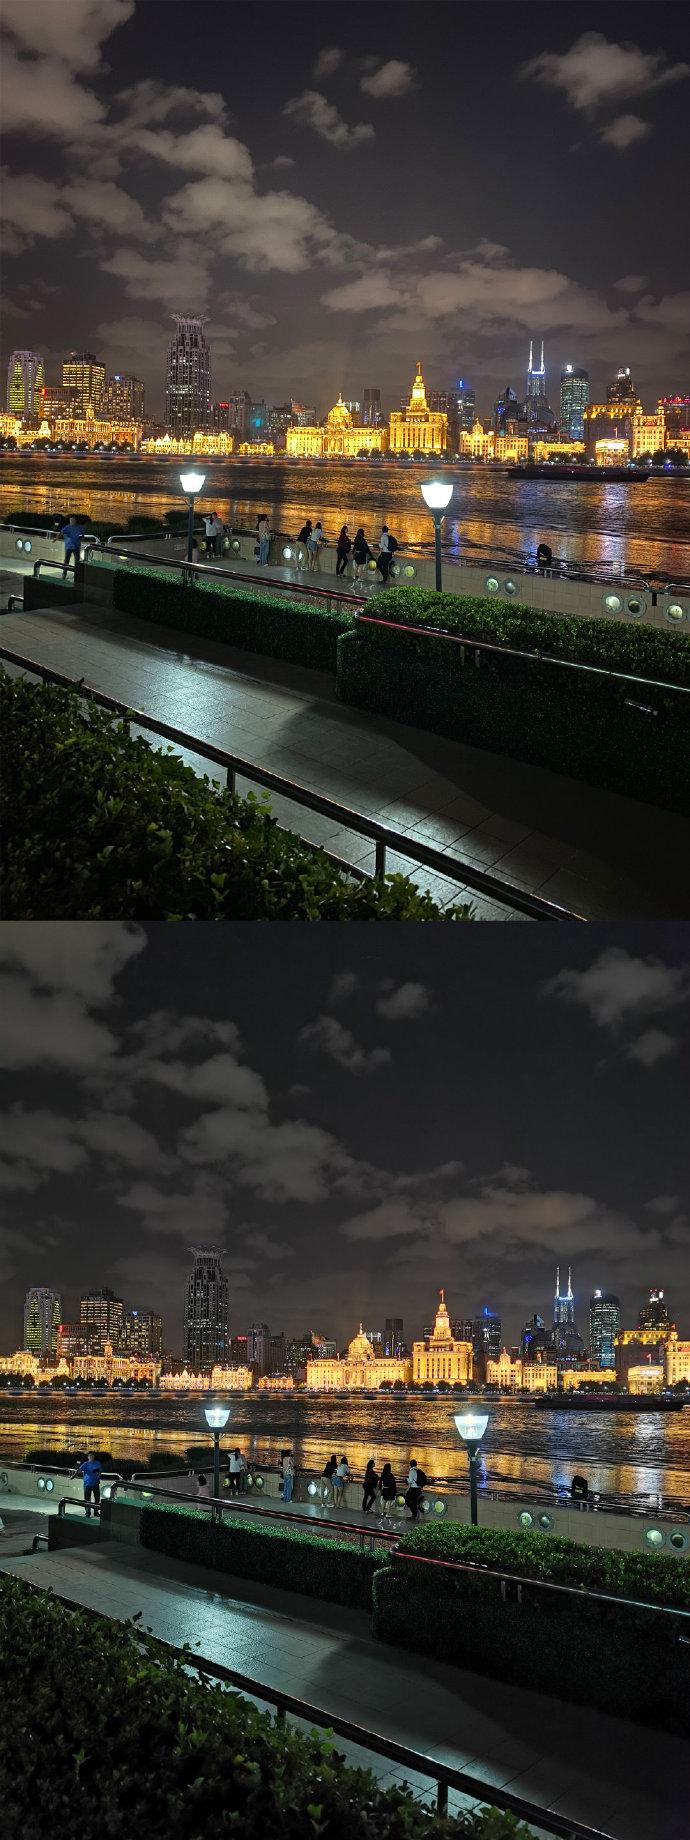 谁是夜拍之王?iPhone 11 Pro Max 和华为 P30 Pro成片对比 涨姿势 第9张